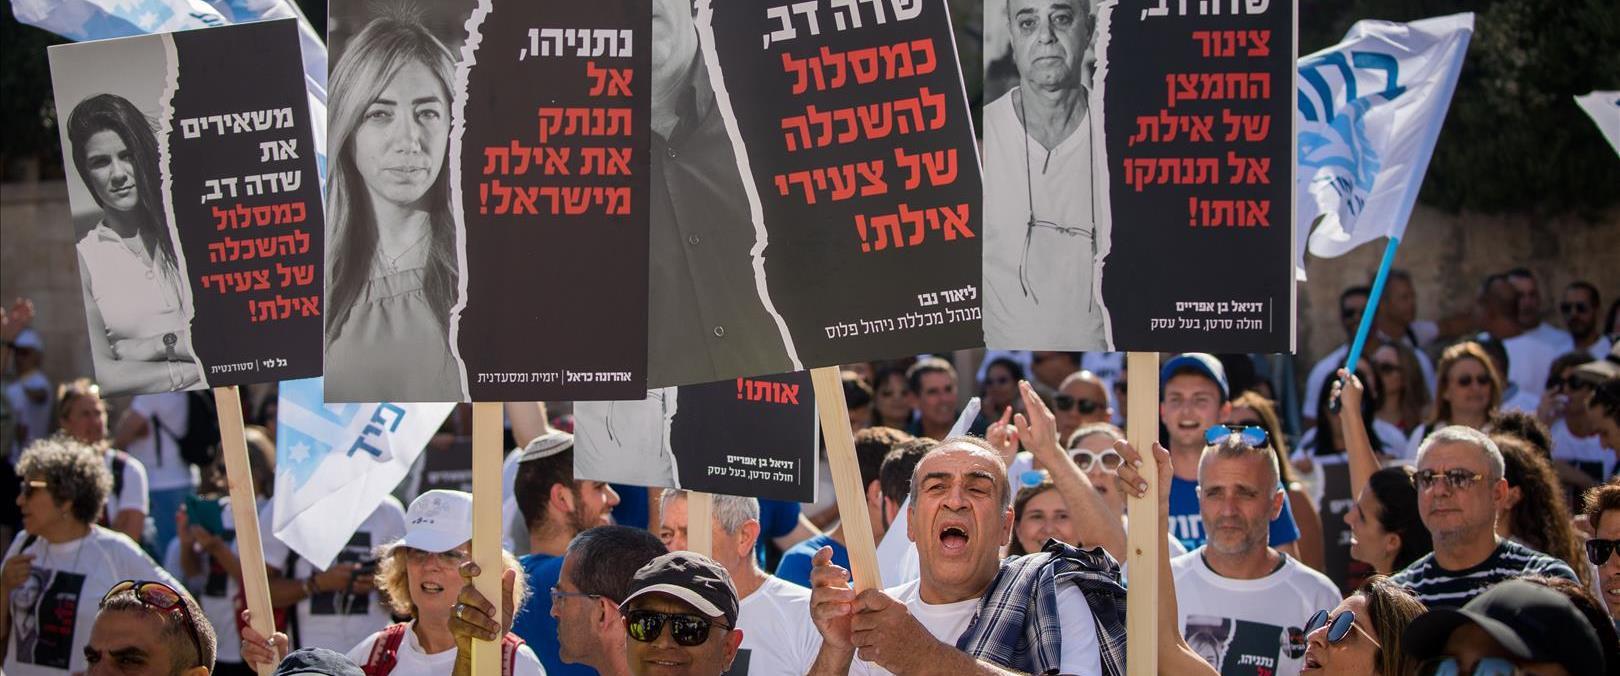 """תושבי אילת מוחים נגד סגירת שדה דב מול מעון רה""""מ בי"""